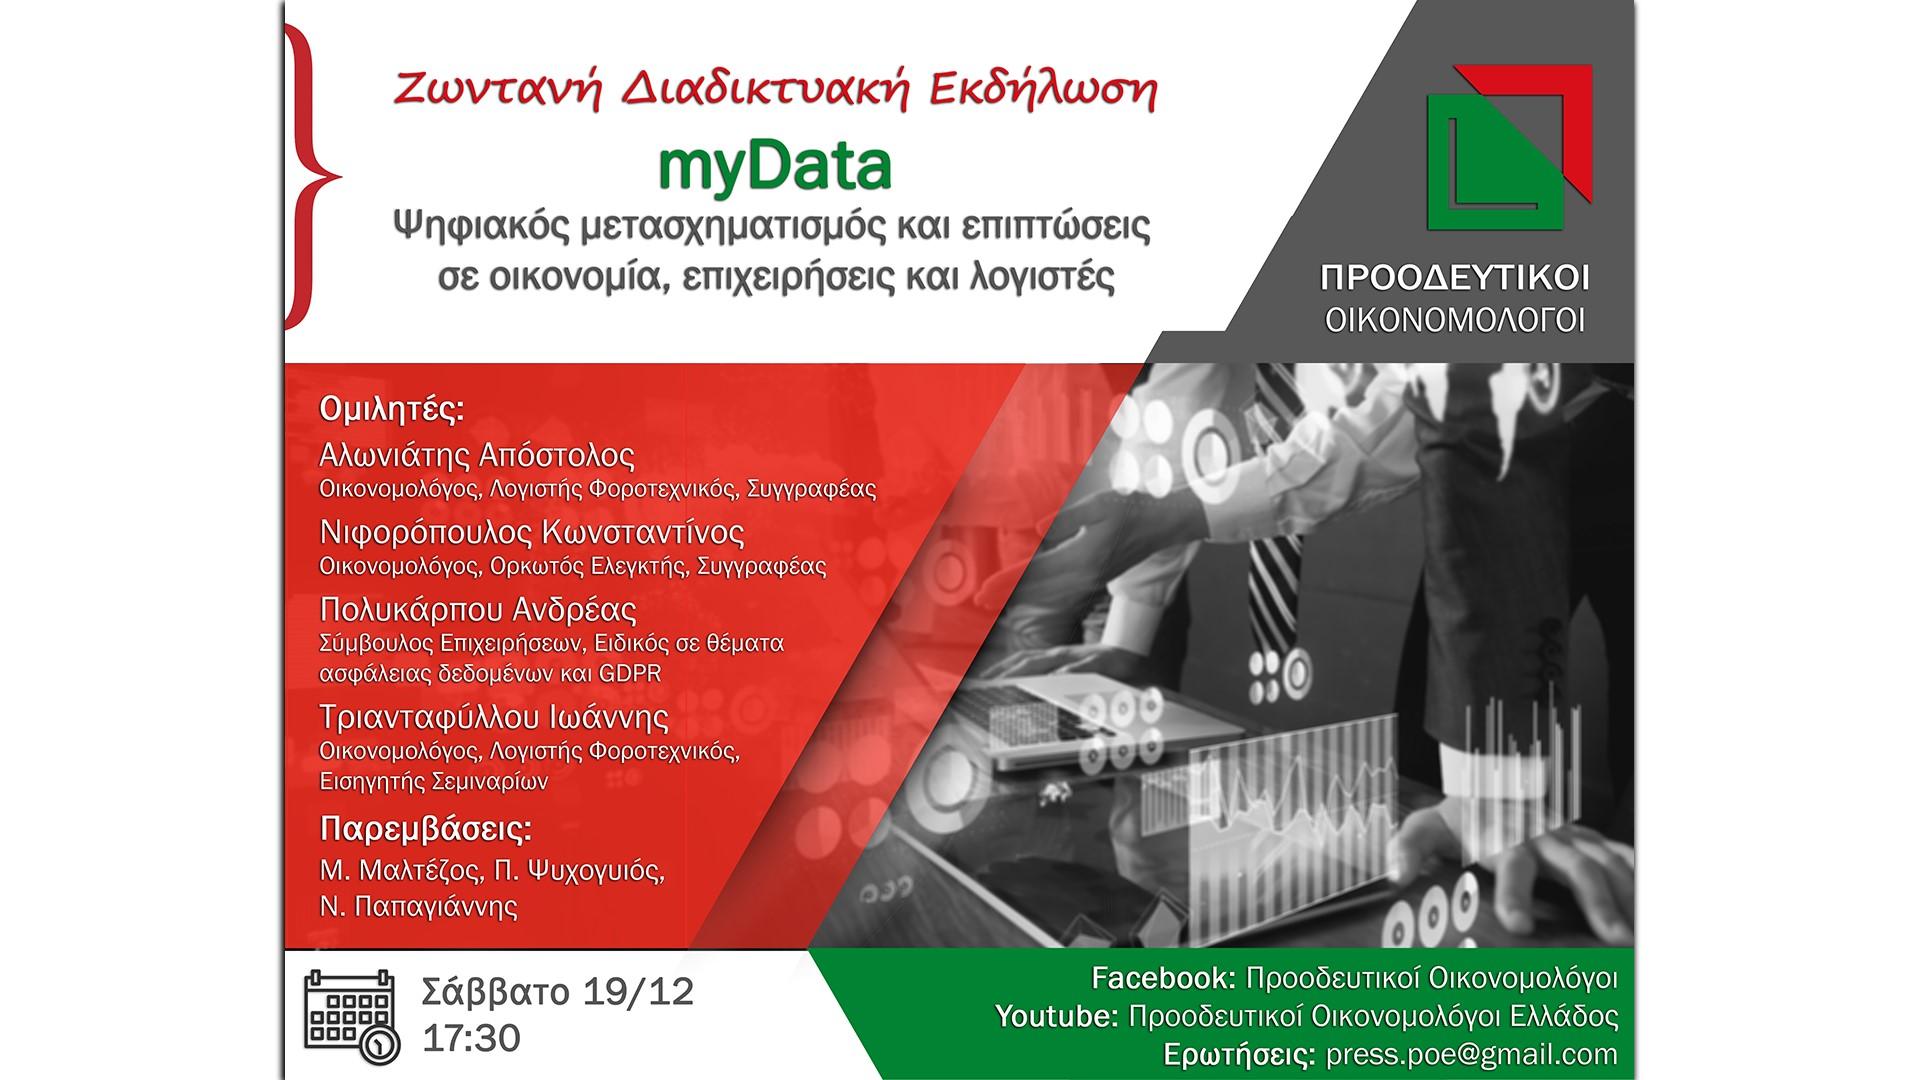 Προοδευτικοί Οικονομολόγοι - Εκδήλωση MyData: Ψηφιακός μετασχηματισμός και οι επιπτώσεις του σε οικονομία, επιχειρήσεις και λογιστές